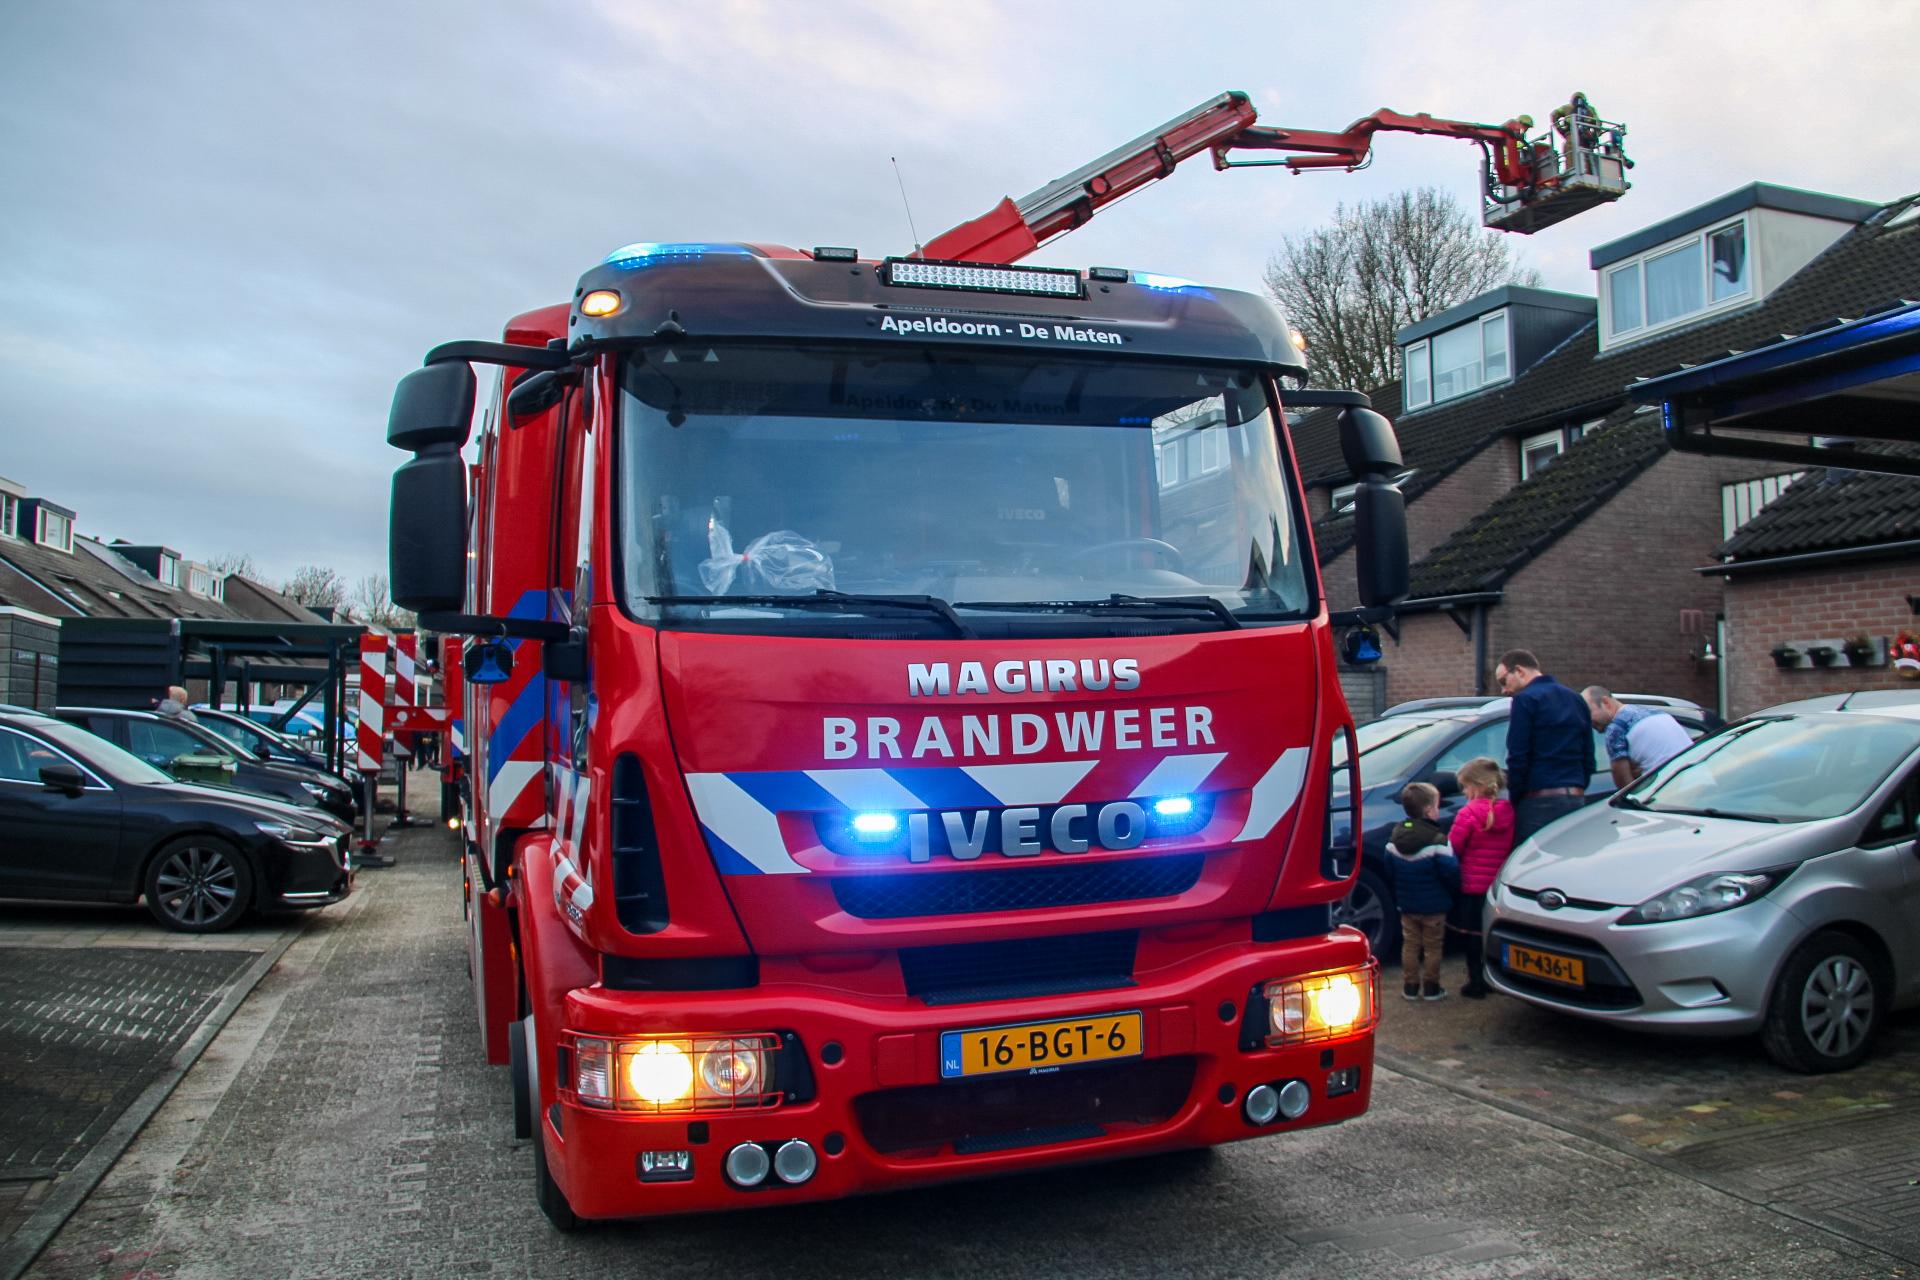 Schoorsteenbrand trekt veel bekijks in Apeldoorn